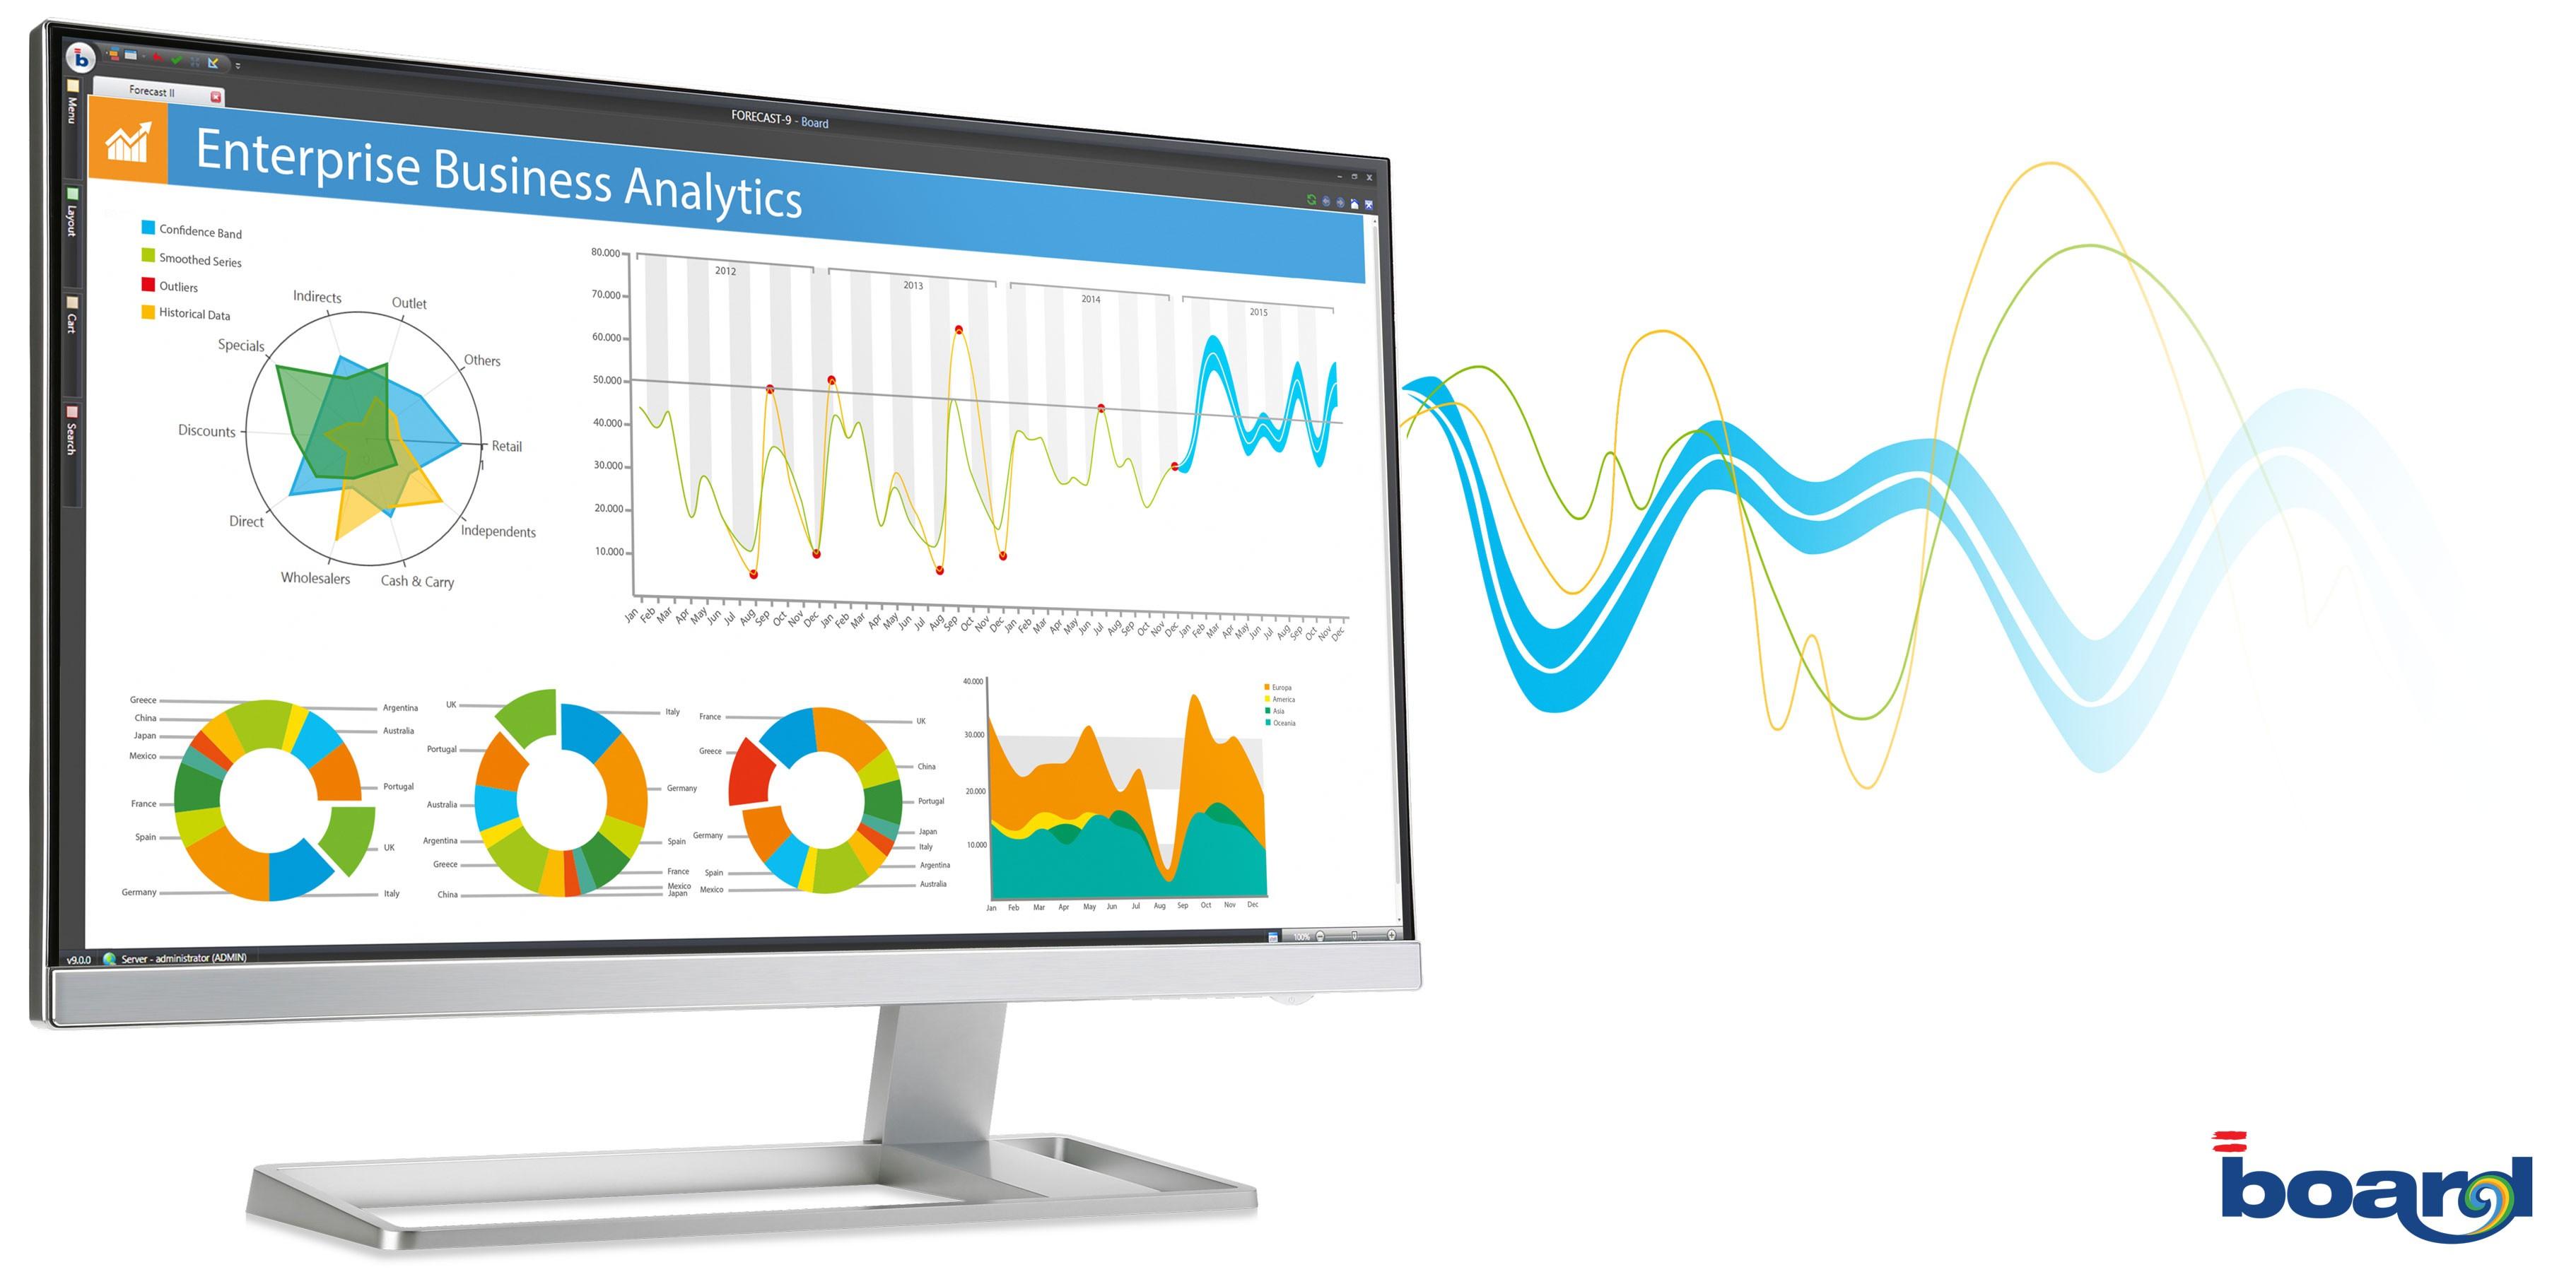 データの可視化から見込み計画・予測をシミュレーション 次世代BI